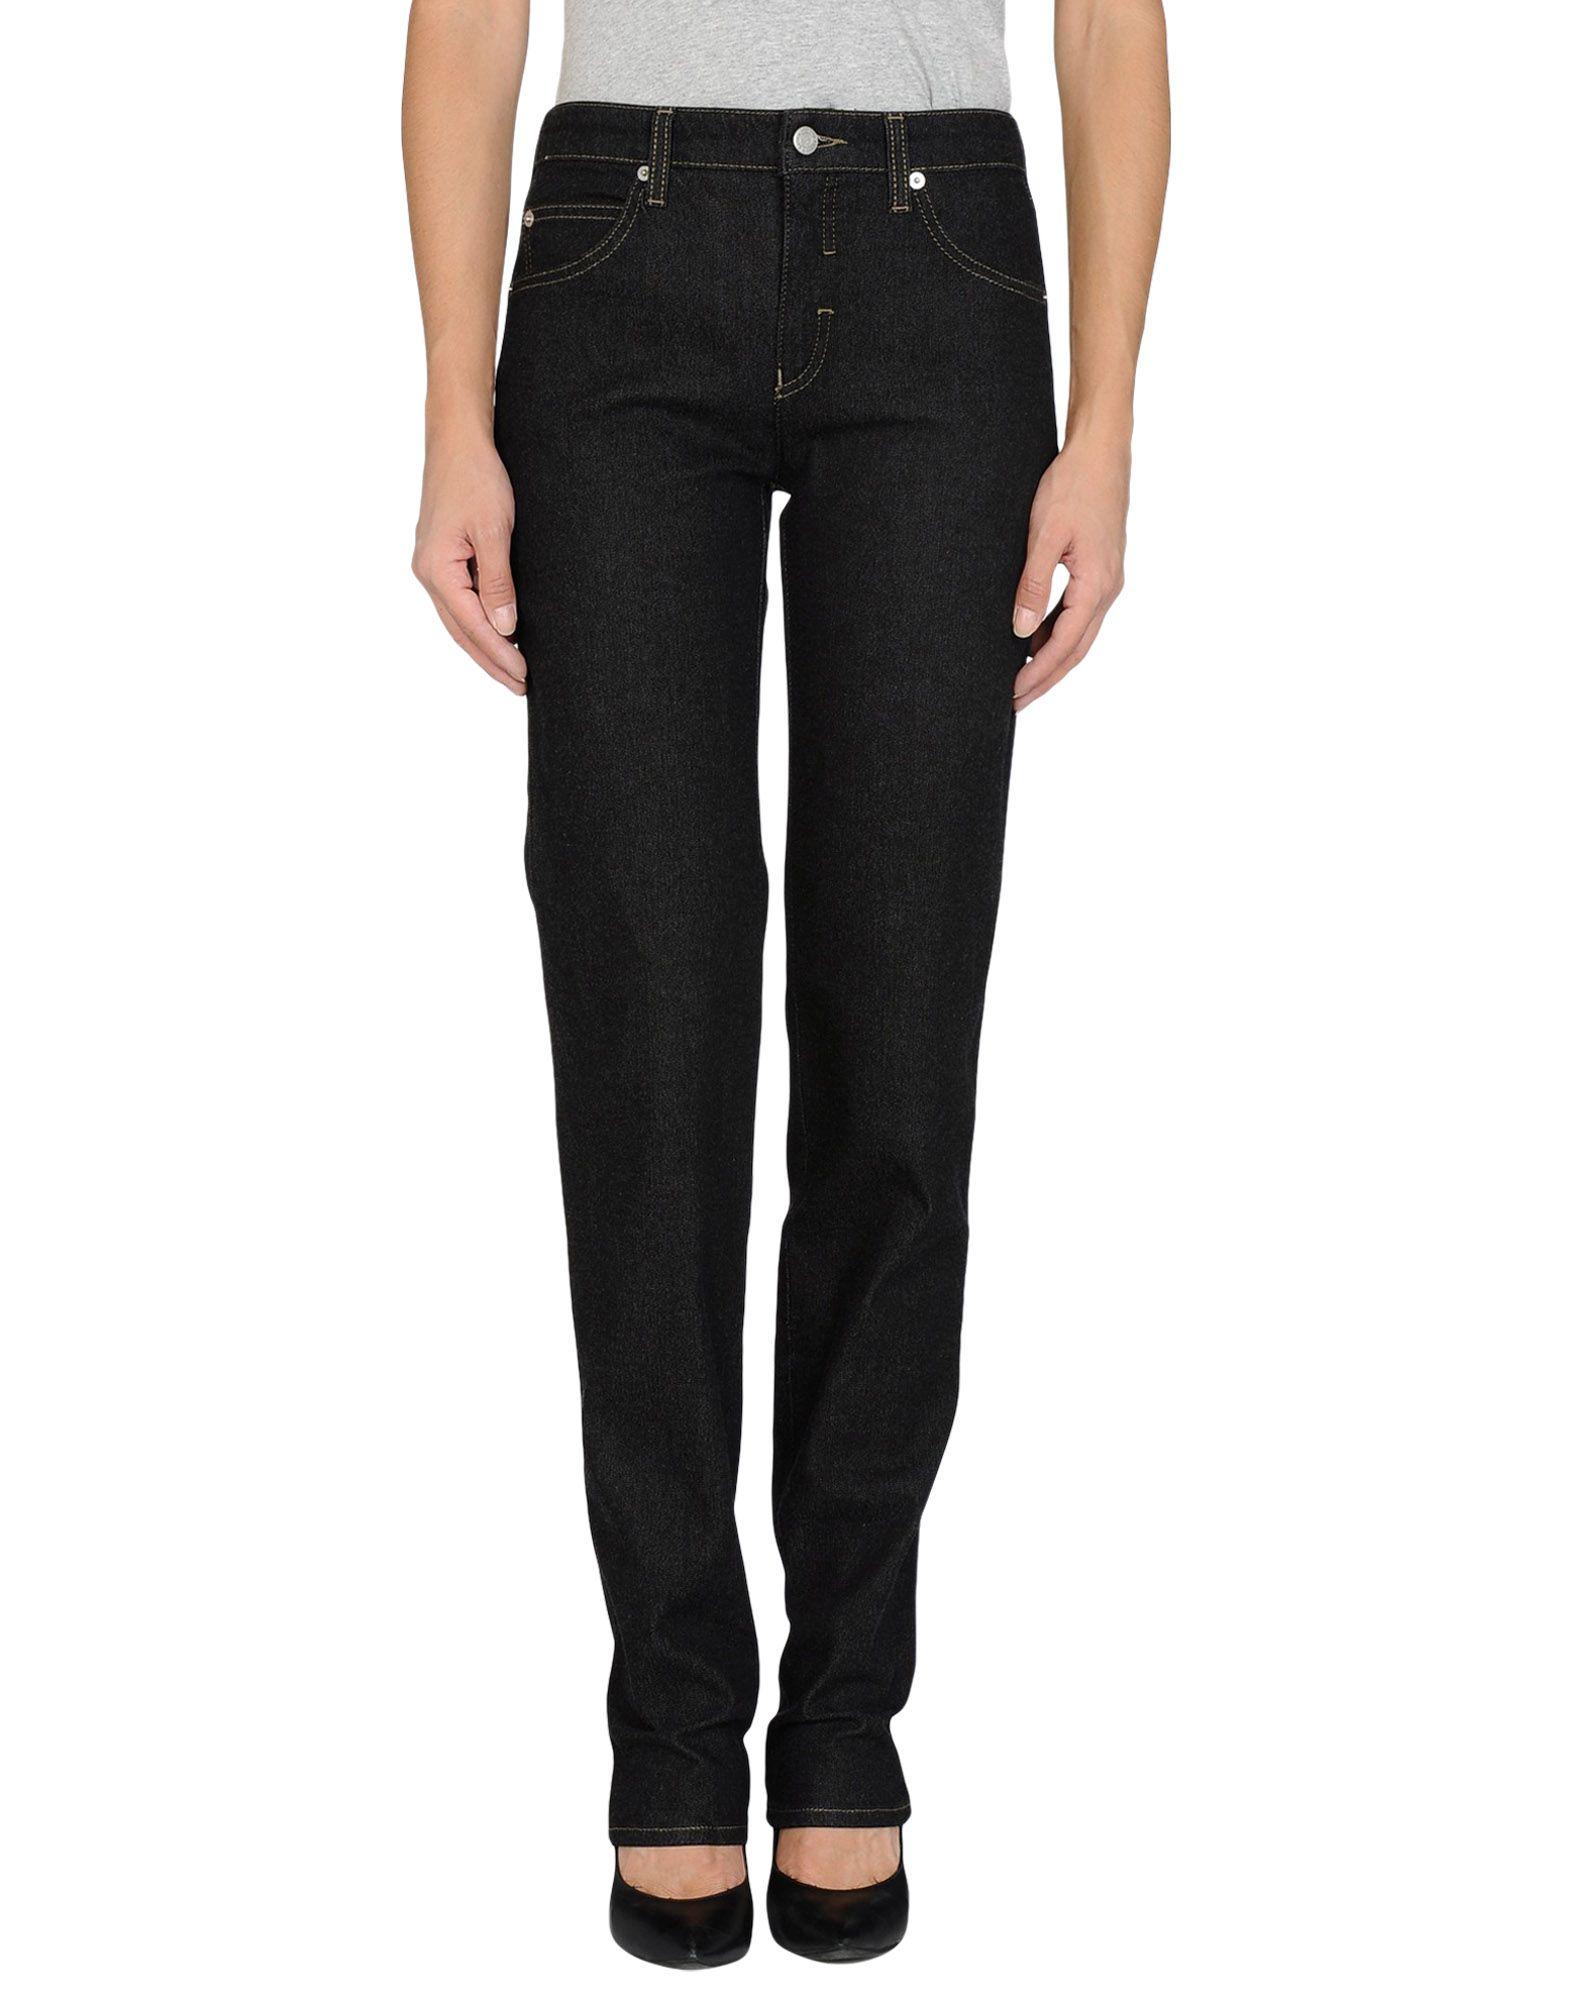 Pantaloni Jeans Armani Jeans donna donna - 42317309TQ  für Ihren Spielstil zu den günstigsten Preisen